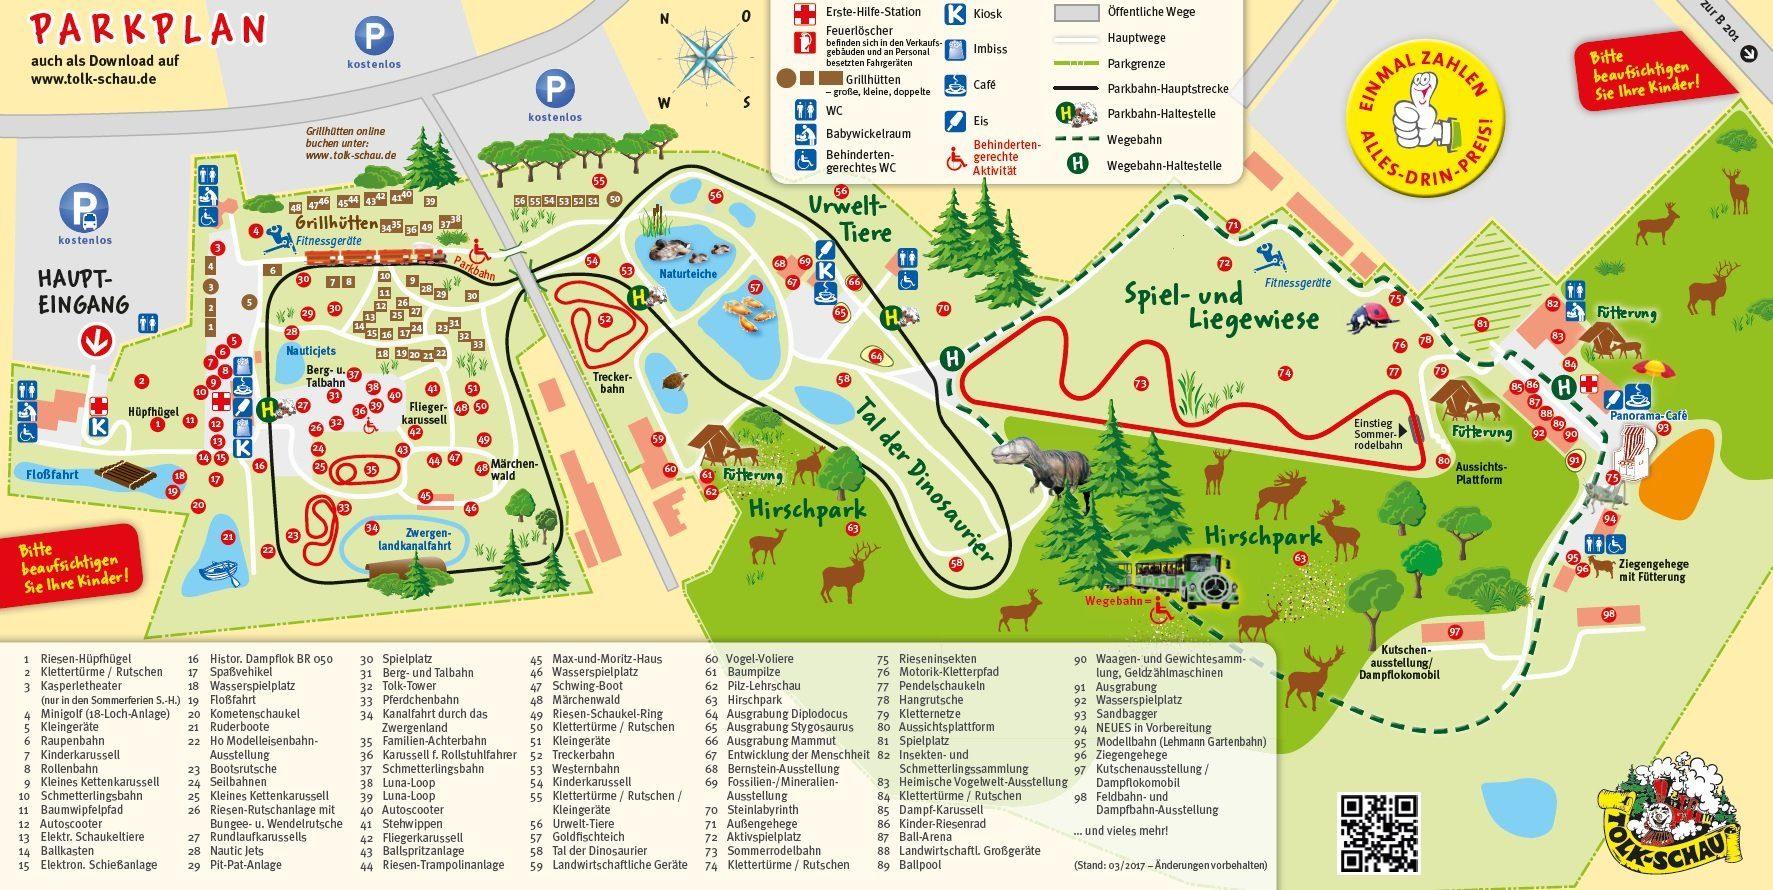 Parkplan Familien-Freizeitpark Tolk-Schau